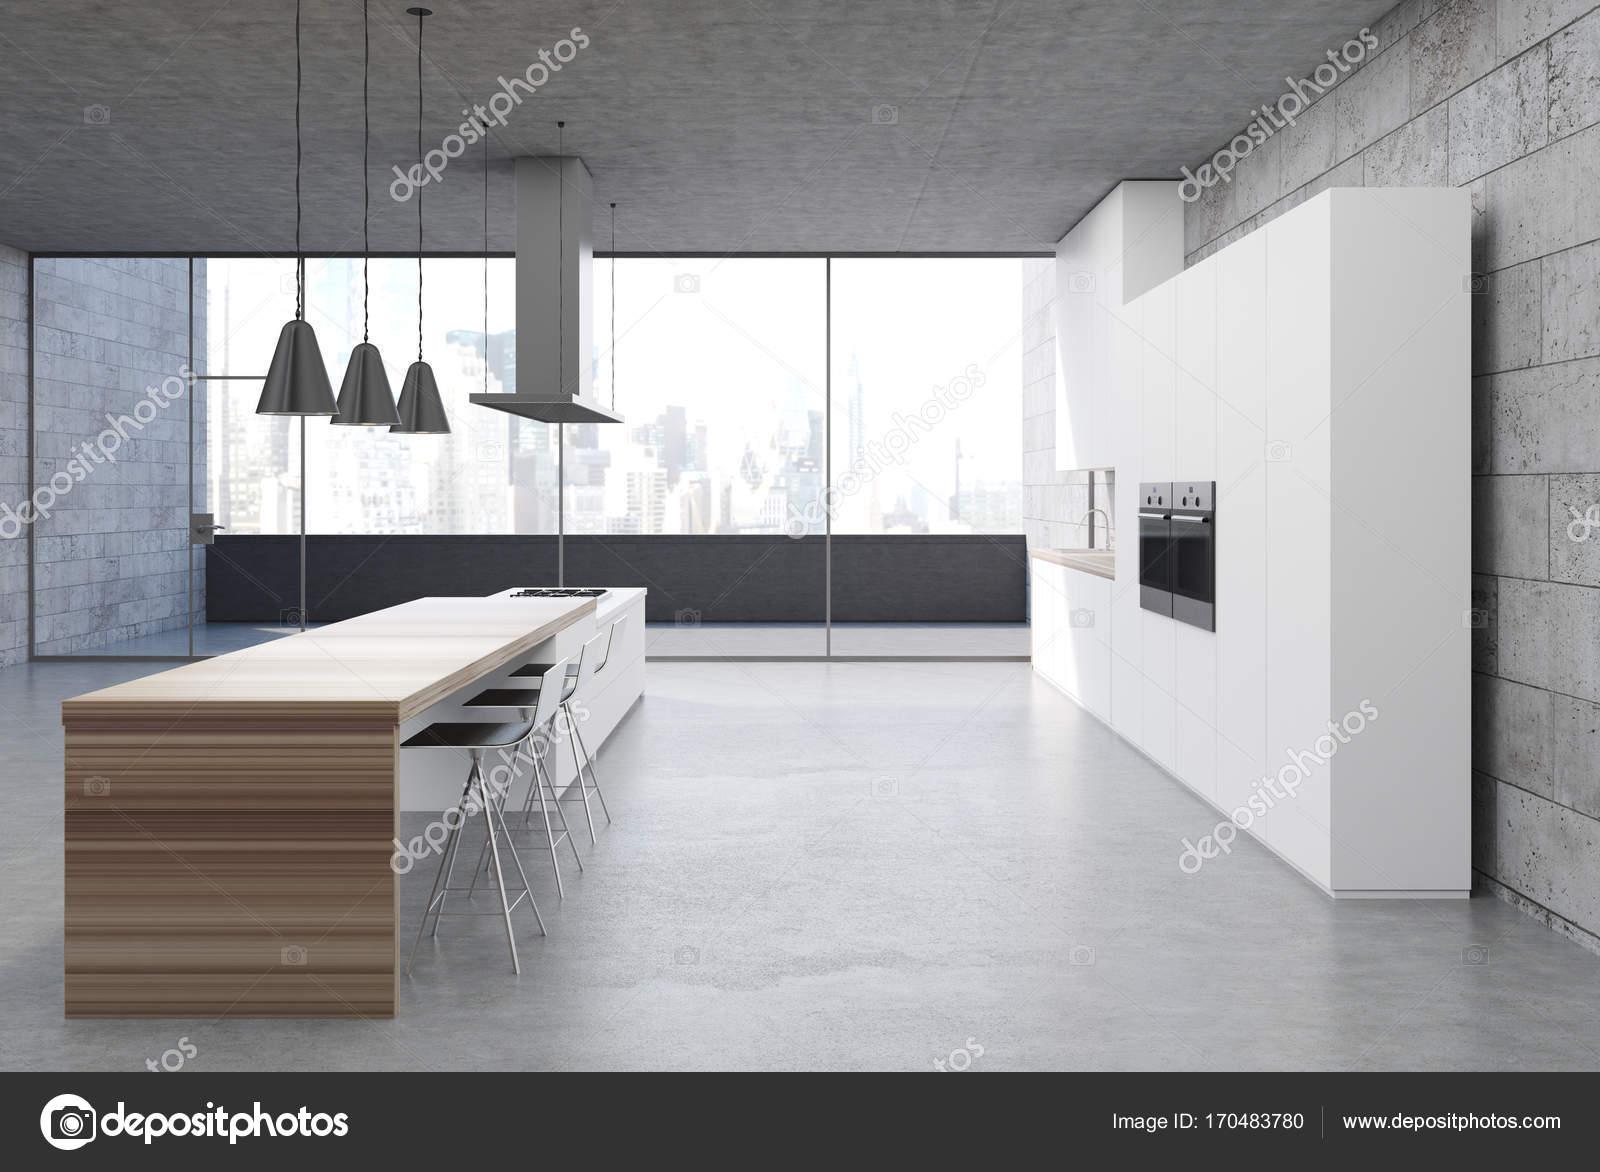 Konkrete Küche Interieur, weiße Schränke Seite — Stockfoto ...